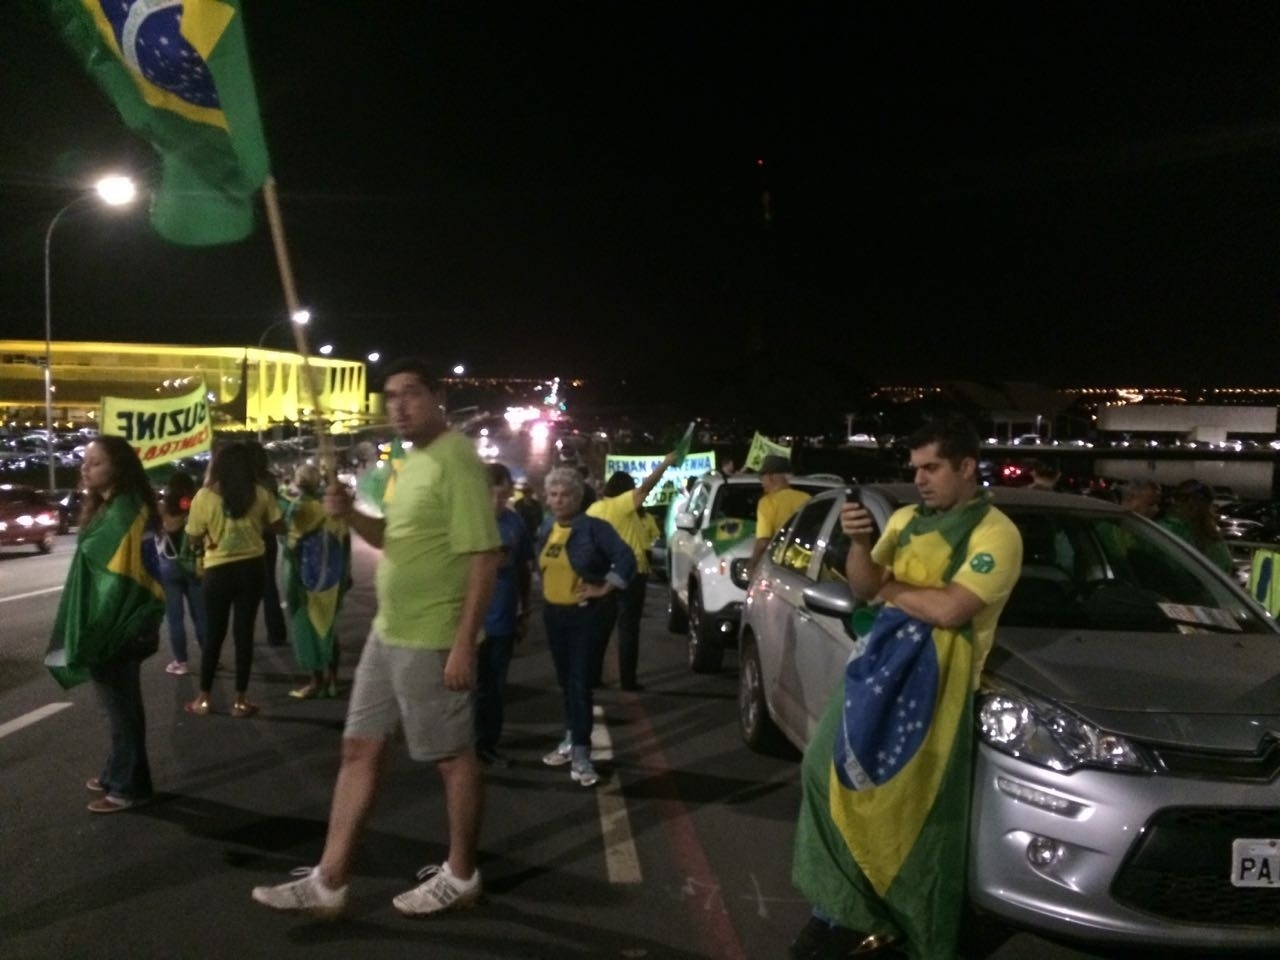 9.mai.2016 - Manifestantes contra o governo se reuniram na Esplanada dos Ministérios para protestar contra a anulação da votação do processo de impeachment da presidente Dilma Rousseff na Câmara dos Deputados